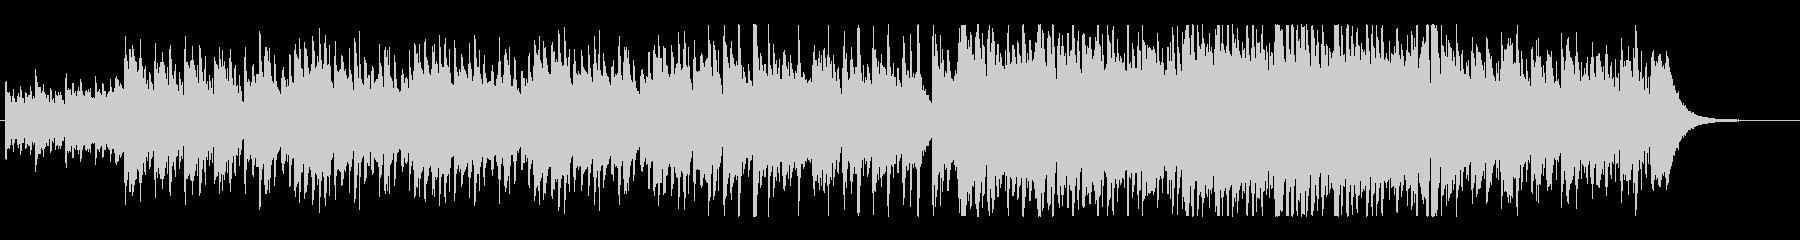 ピアノが煌びやかなジャズワルツbの未再生の波形